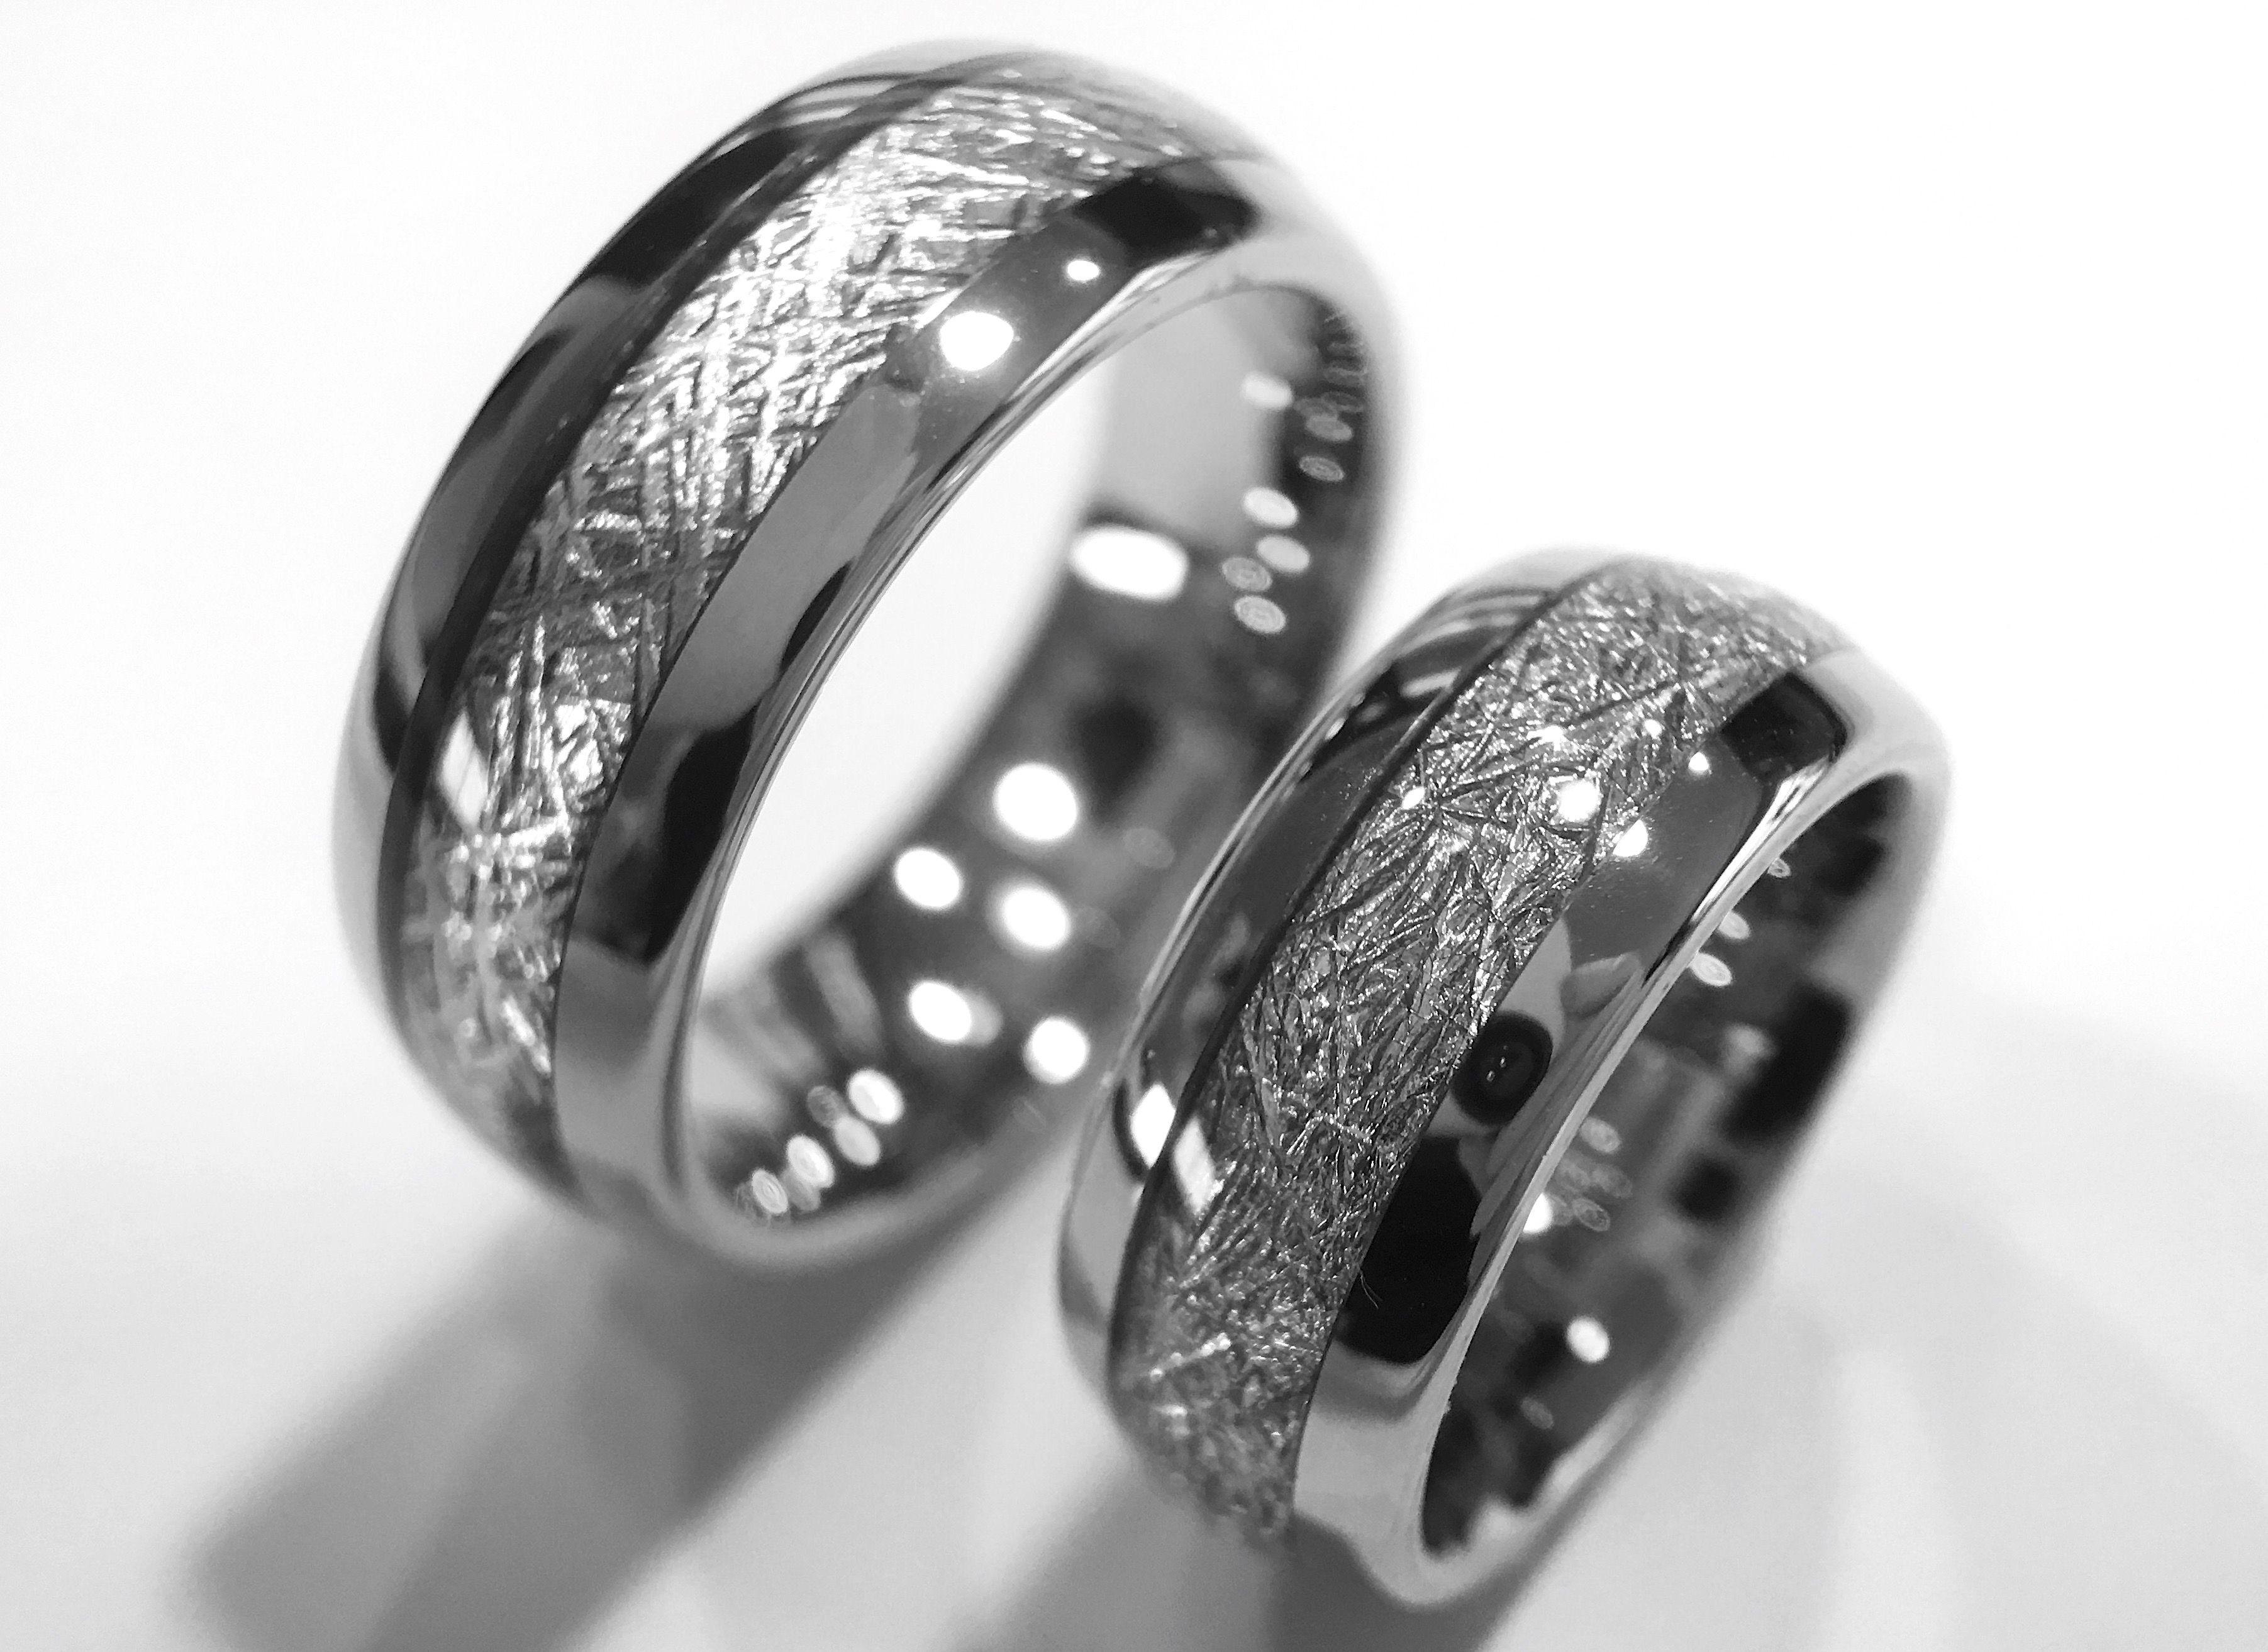 Matching Set of Meteorite Inlay Tungsten Ring, Wedding